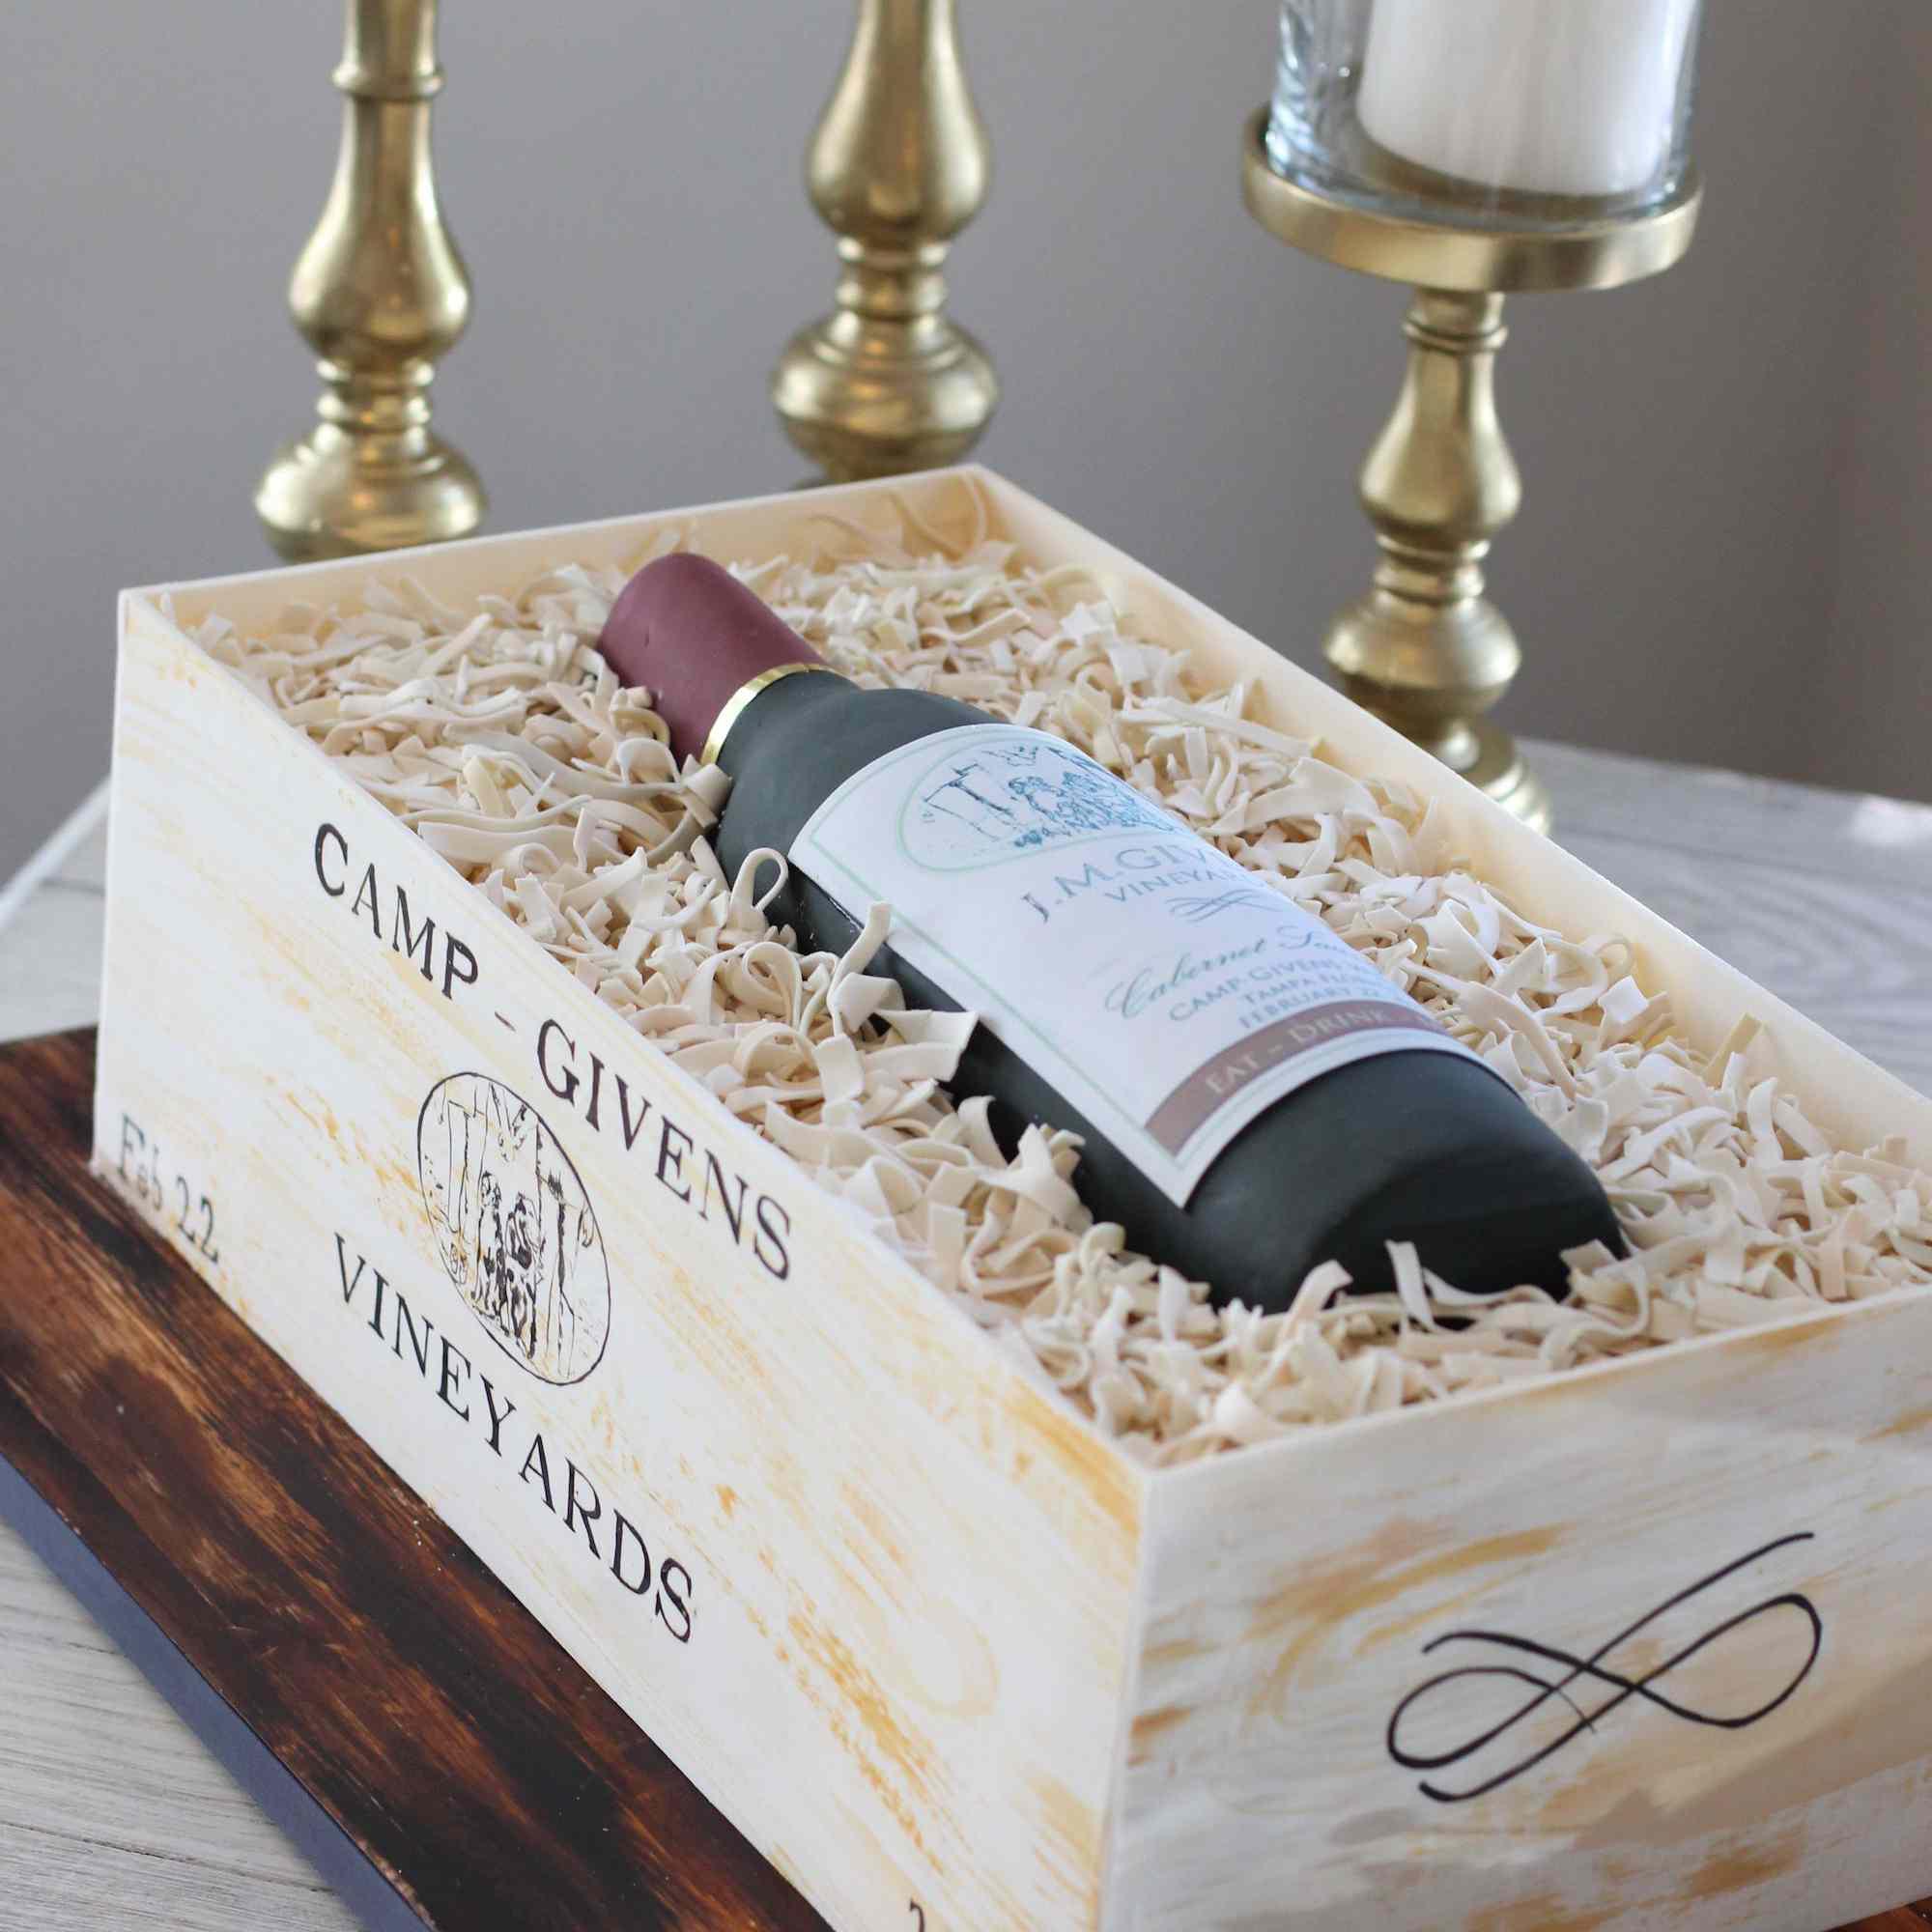 wine bottle groom's cake